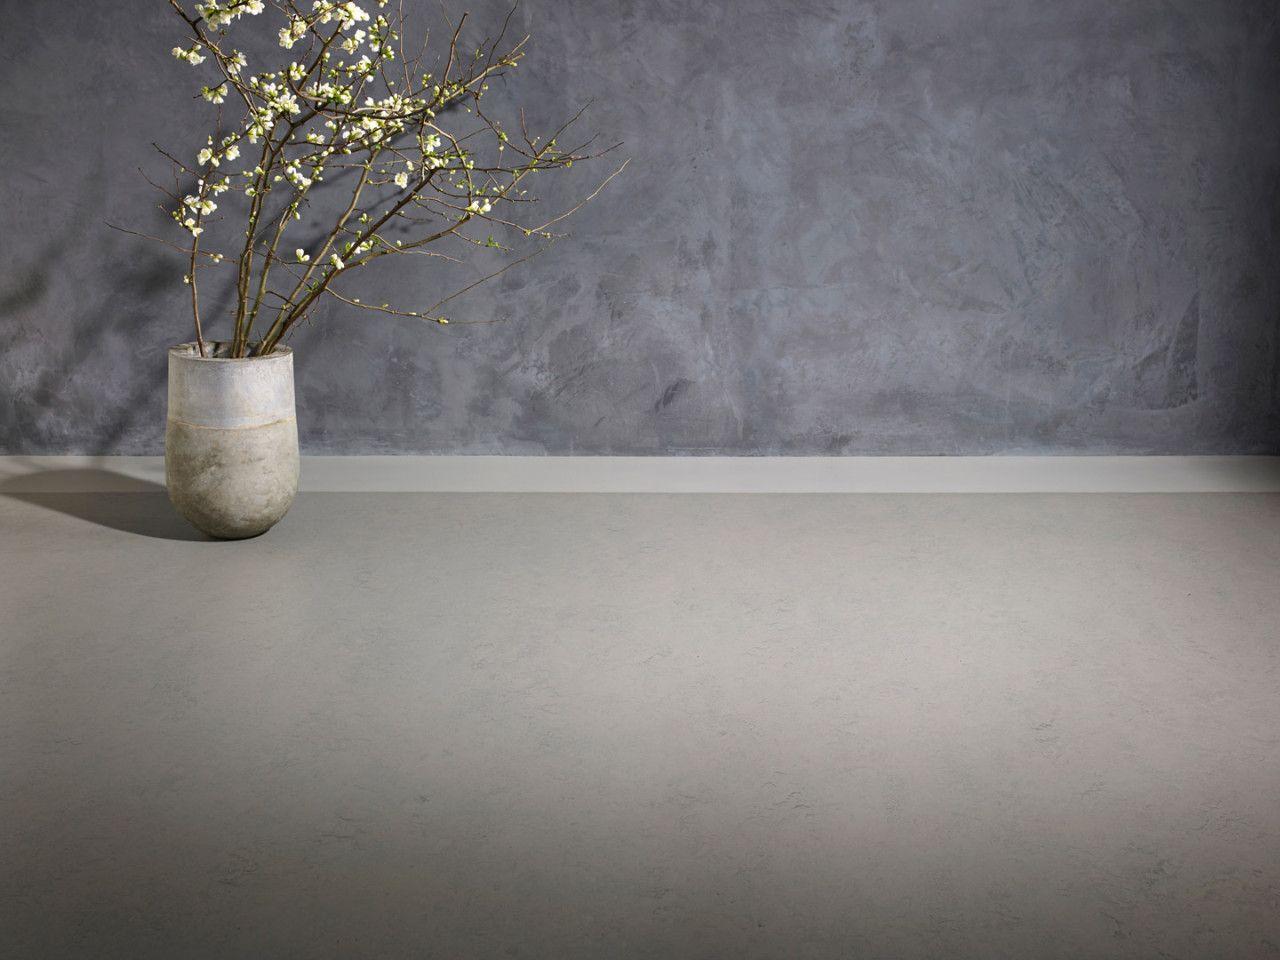 Linoleum Vloer Grijs : Marmoleum selected by piet boon linoleum grijs inloop kamer